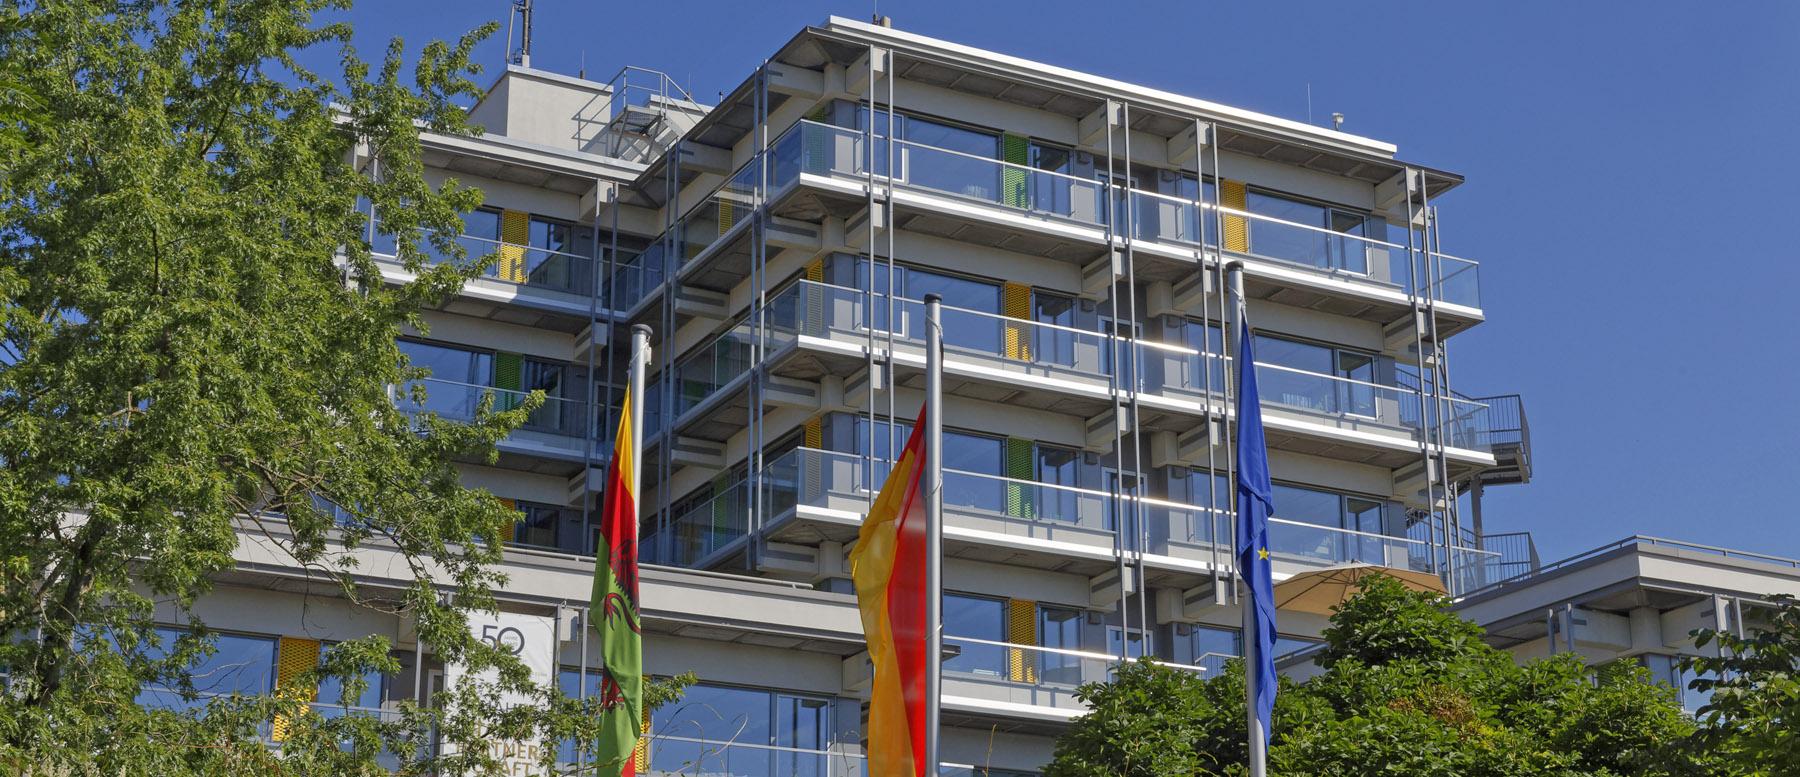 Stadt rheinfelden baden onlinebewerbung for Freibad rheinfelden baden